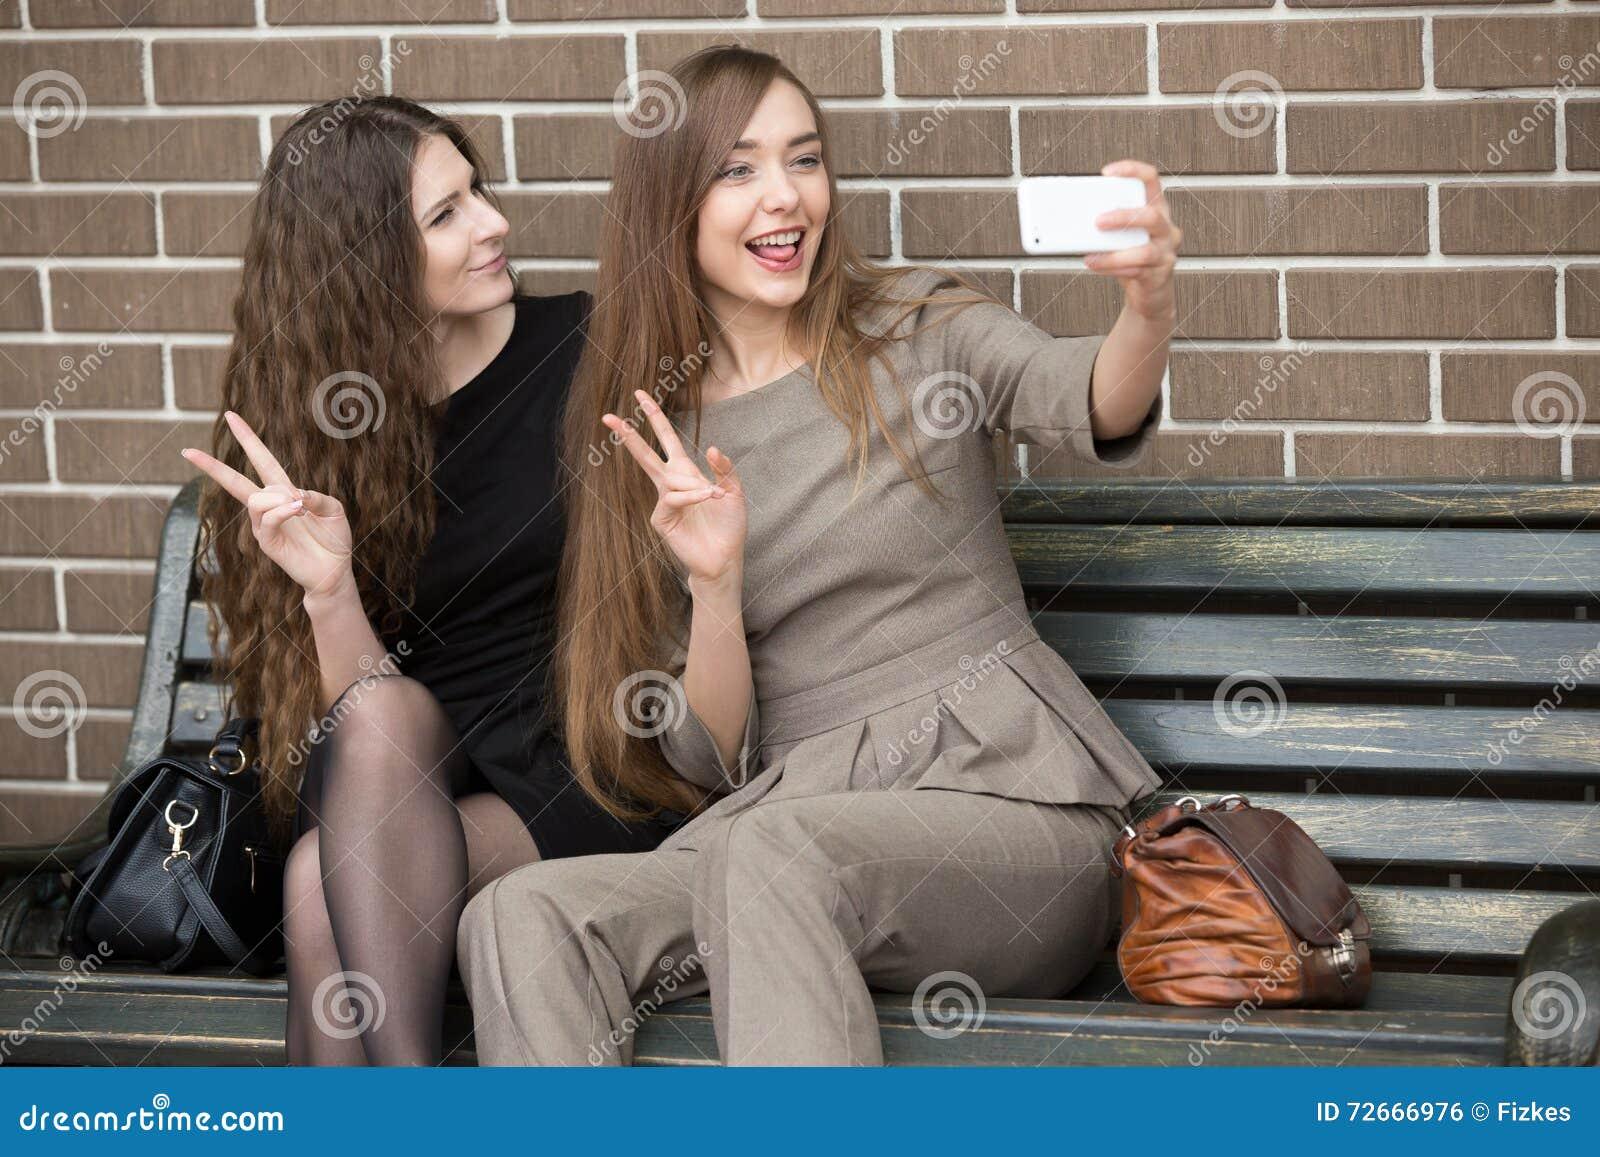 Dos jovenes chichando en la calle